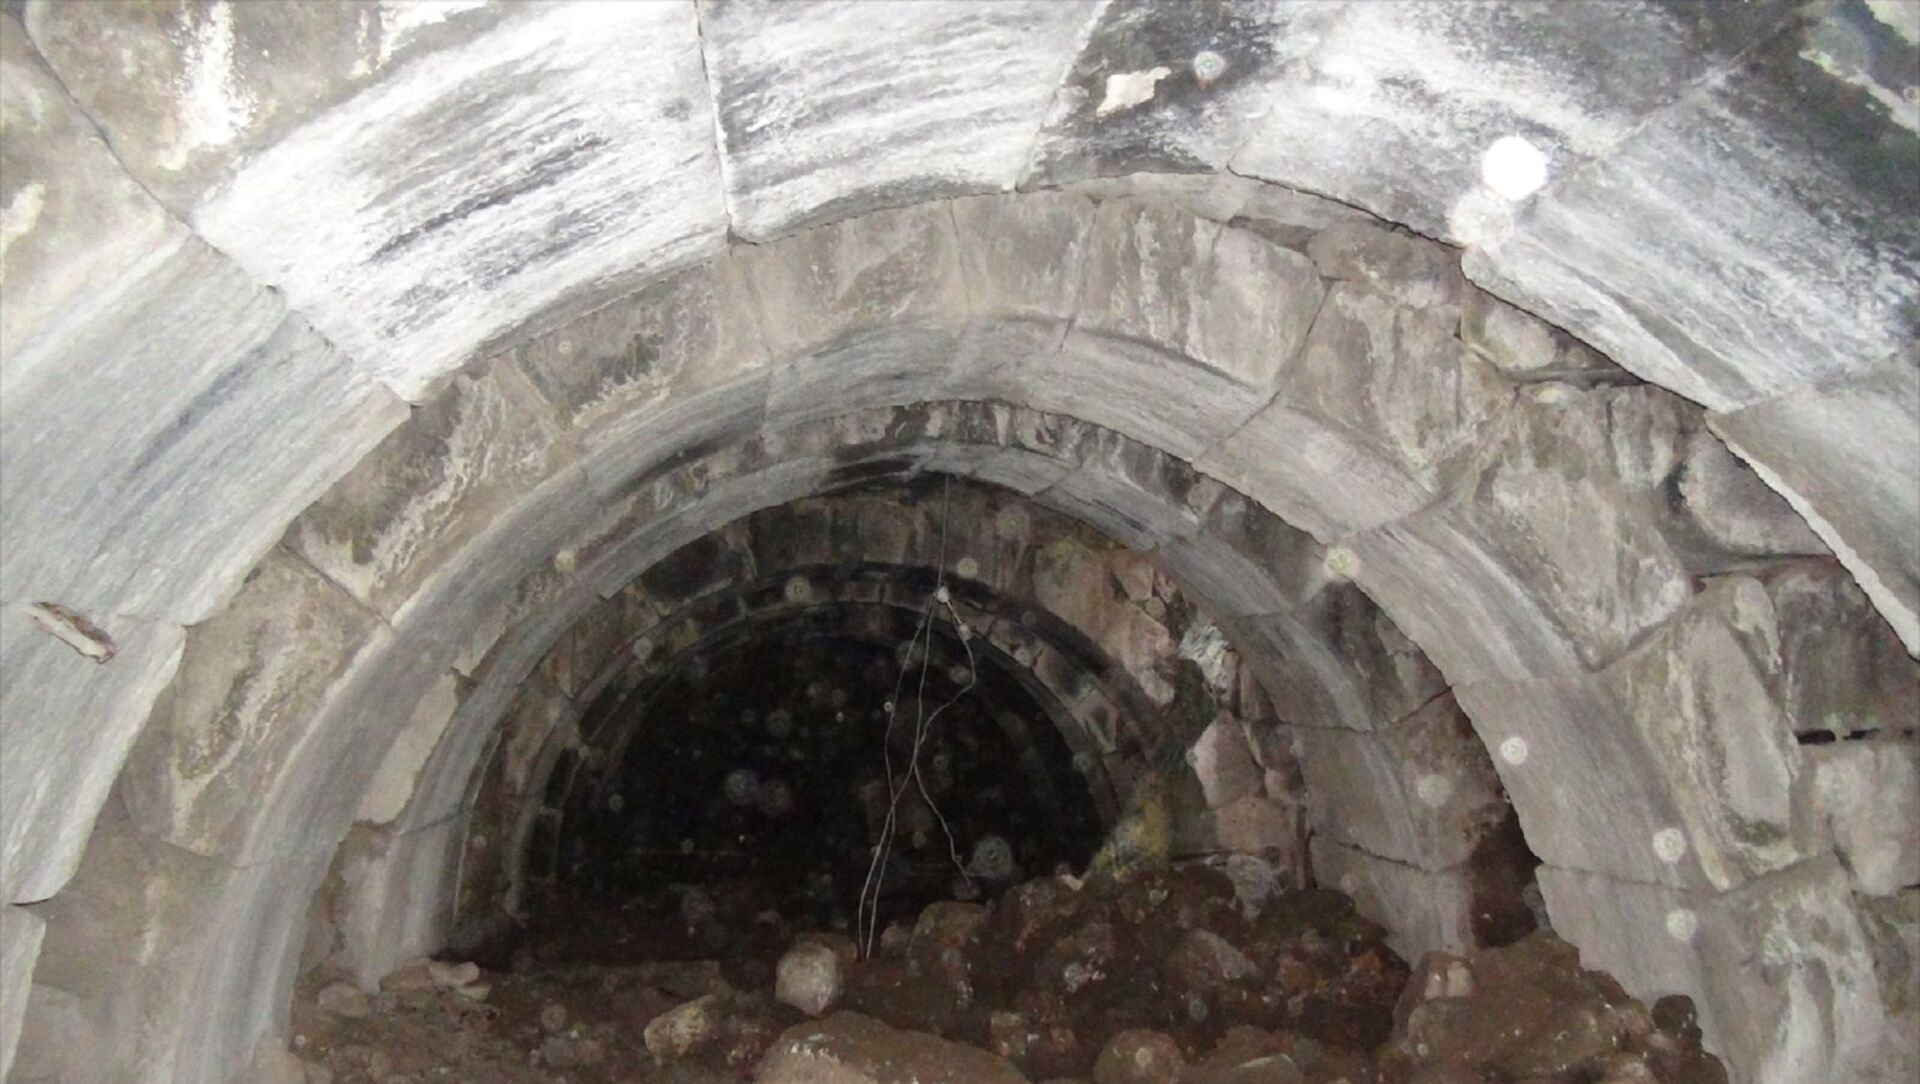 kaçak kazı sırasında bulunan Roma dönemine ait 400 metrekarelik zindan - Sputnik Türkiye, 1920, 03.05.2021